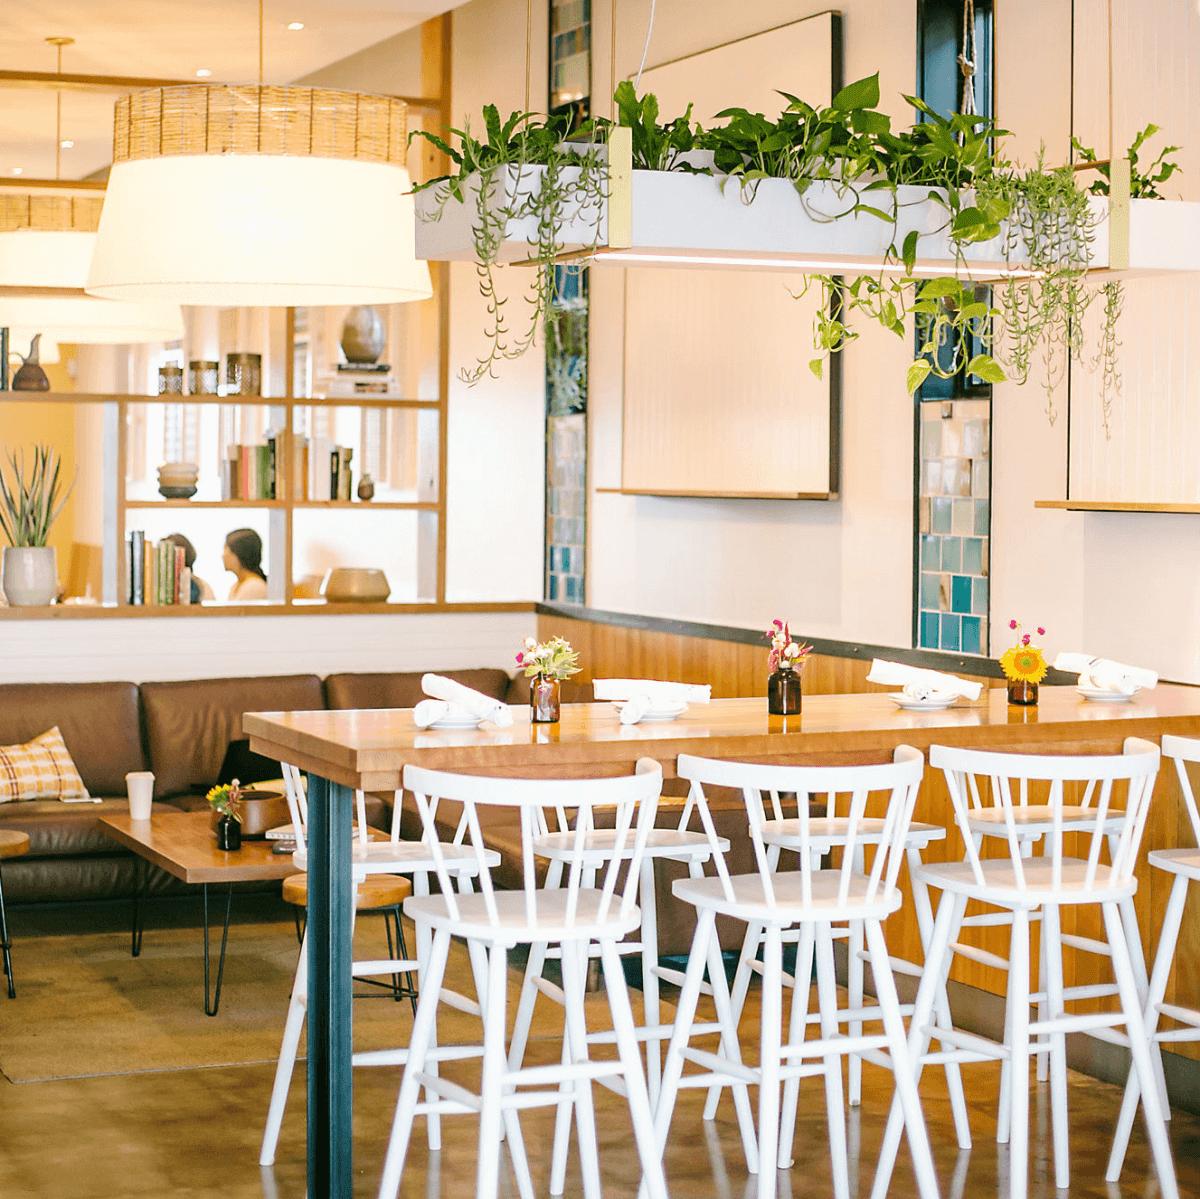 Picnik Burnet Road restaurant lounge